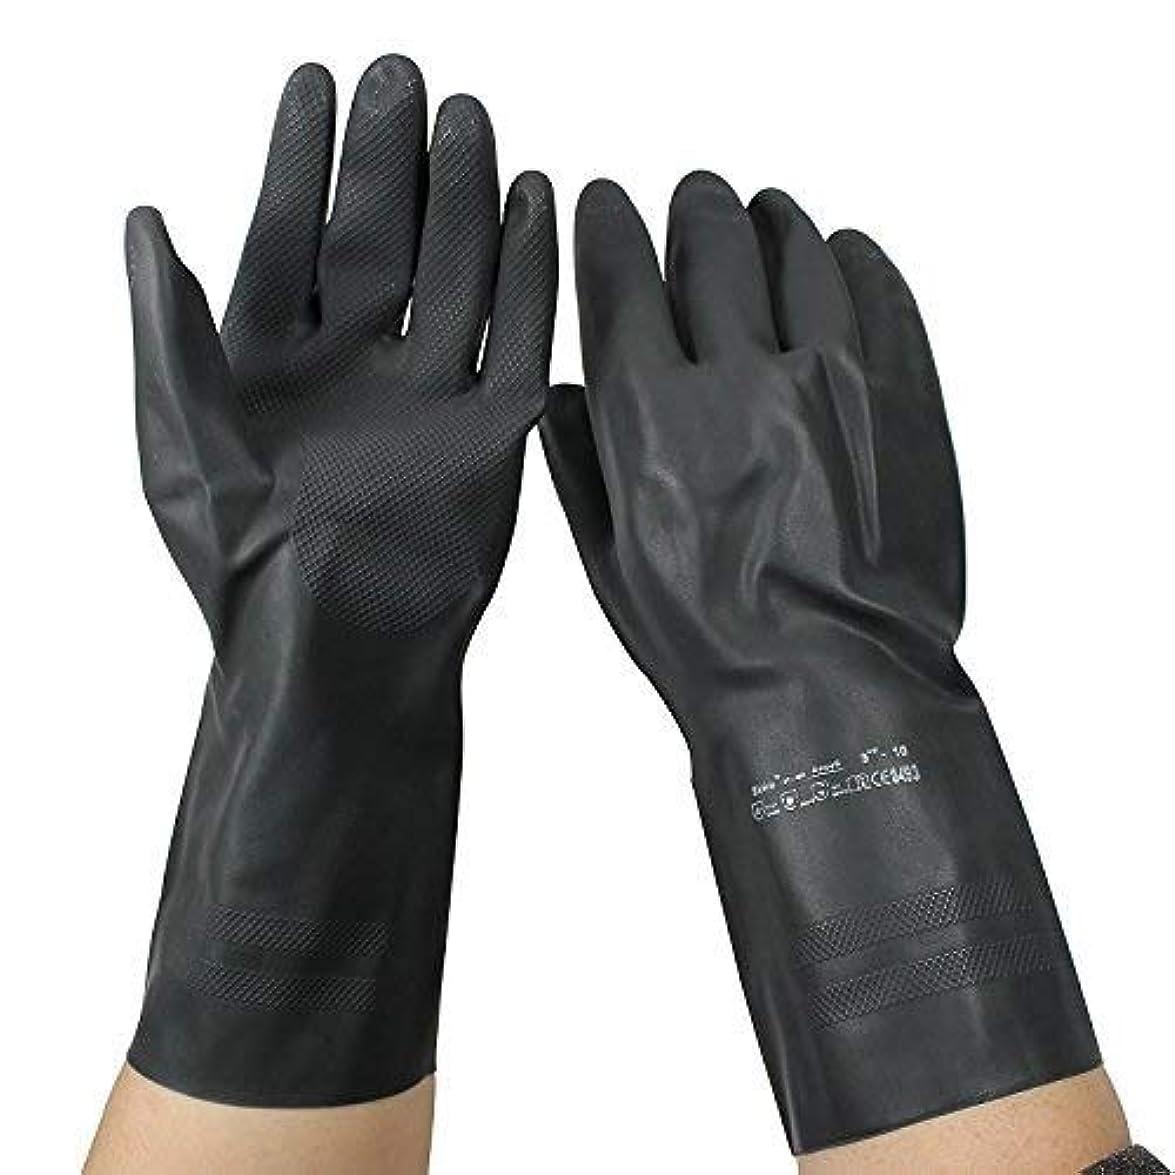 つらい七時半メモFJFSC ゴム手袋/溶接断熱労働保護手袋